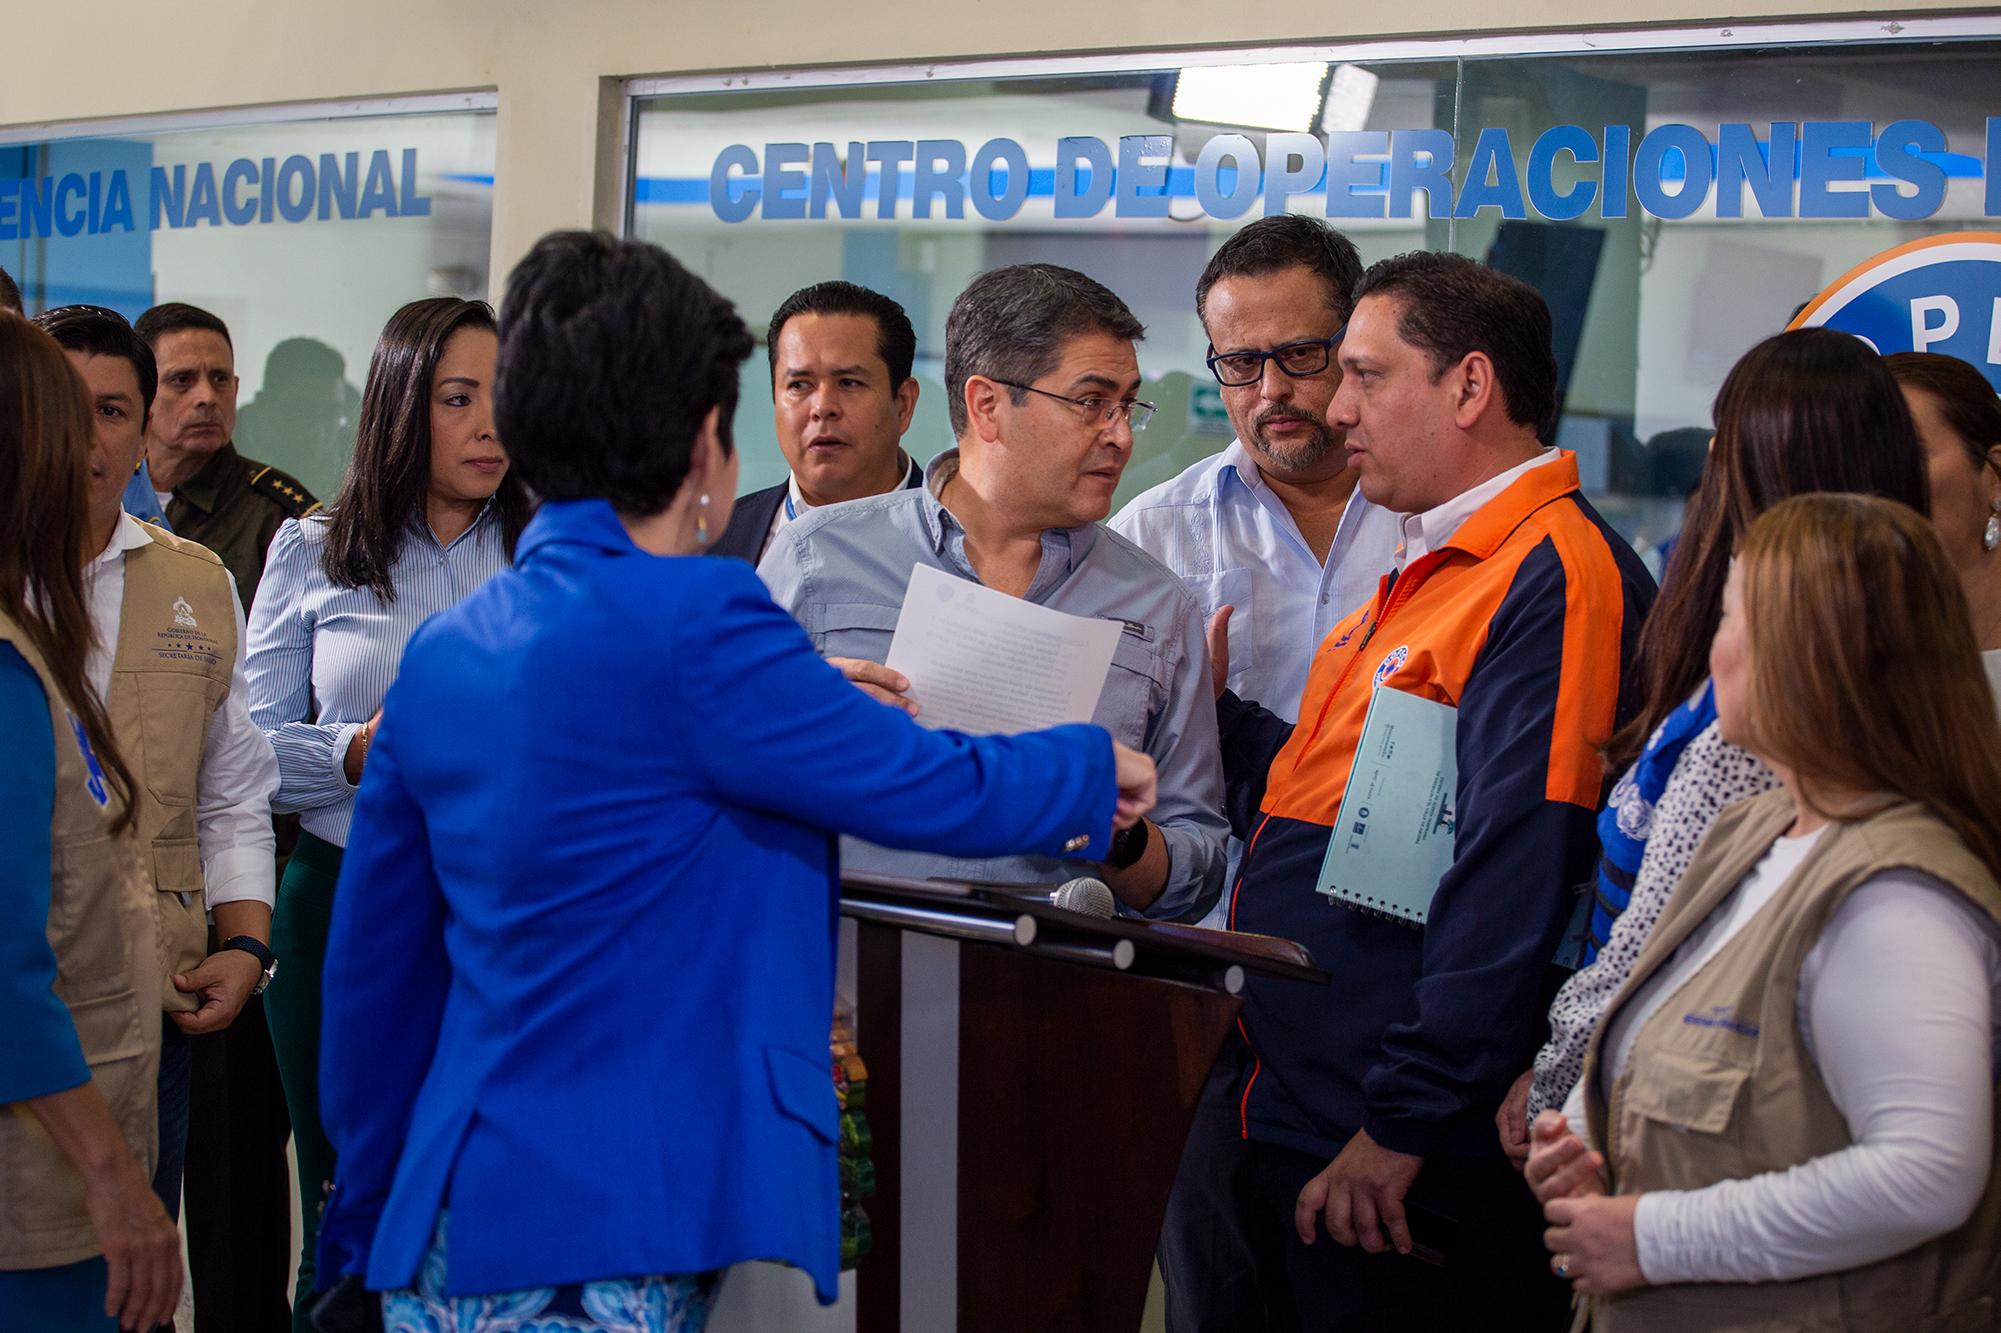 Juan Orlando Hernández, presidente de la República y Gabriel Rubí, exministro comisionado de Copeco, al finalizar una conferencia de prensa donde se explicó que las instituciones estaban trabajando para responder a la crisis del COVID 19. Cuando se hizo esta fotografía el país registraba apenas dos casos positivos, en la actualidad, Honduras cierra el año con una cifra que supera los 114,000 infectados y casi 3000 muertes por COVID-19 a nivel nacional, según cifras oficiales del Gobierno hondureño. Tegucigalpa, 11 de marzo de 2020. Foto: Martín Cálix.